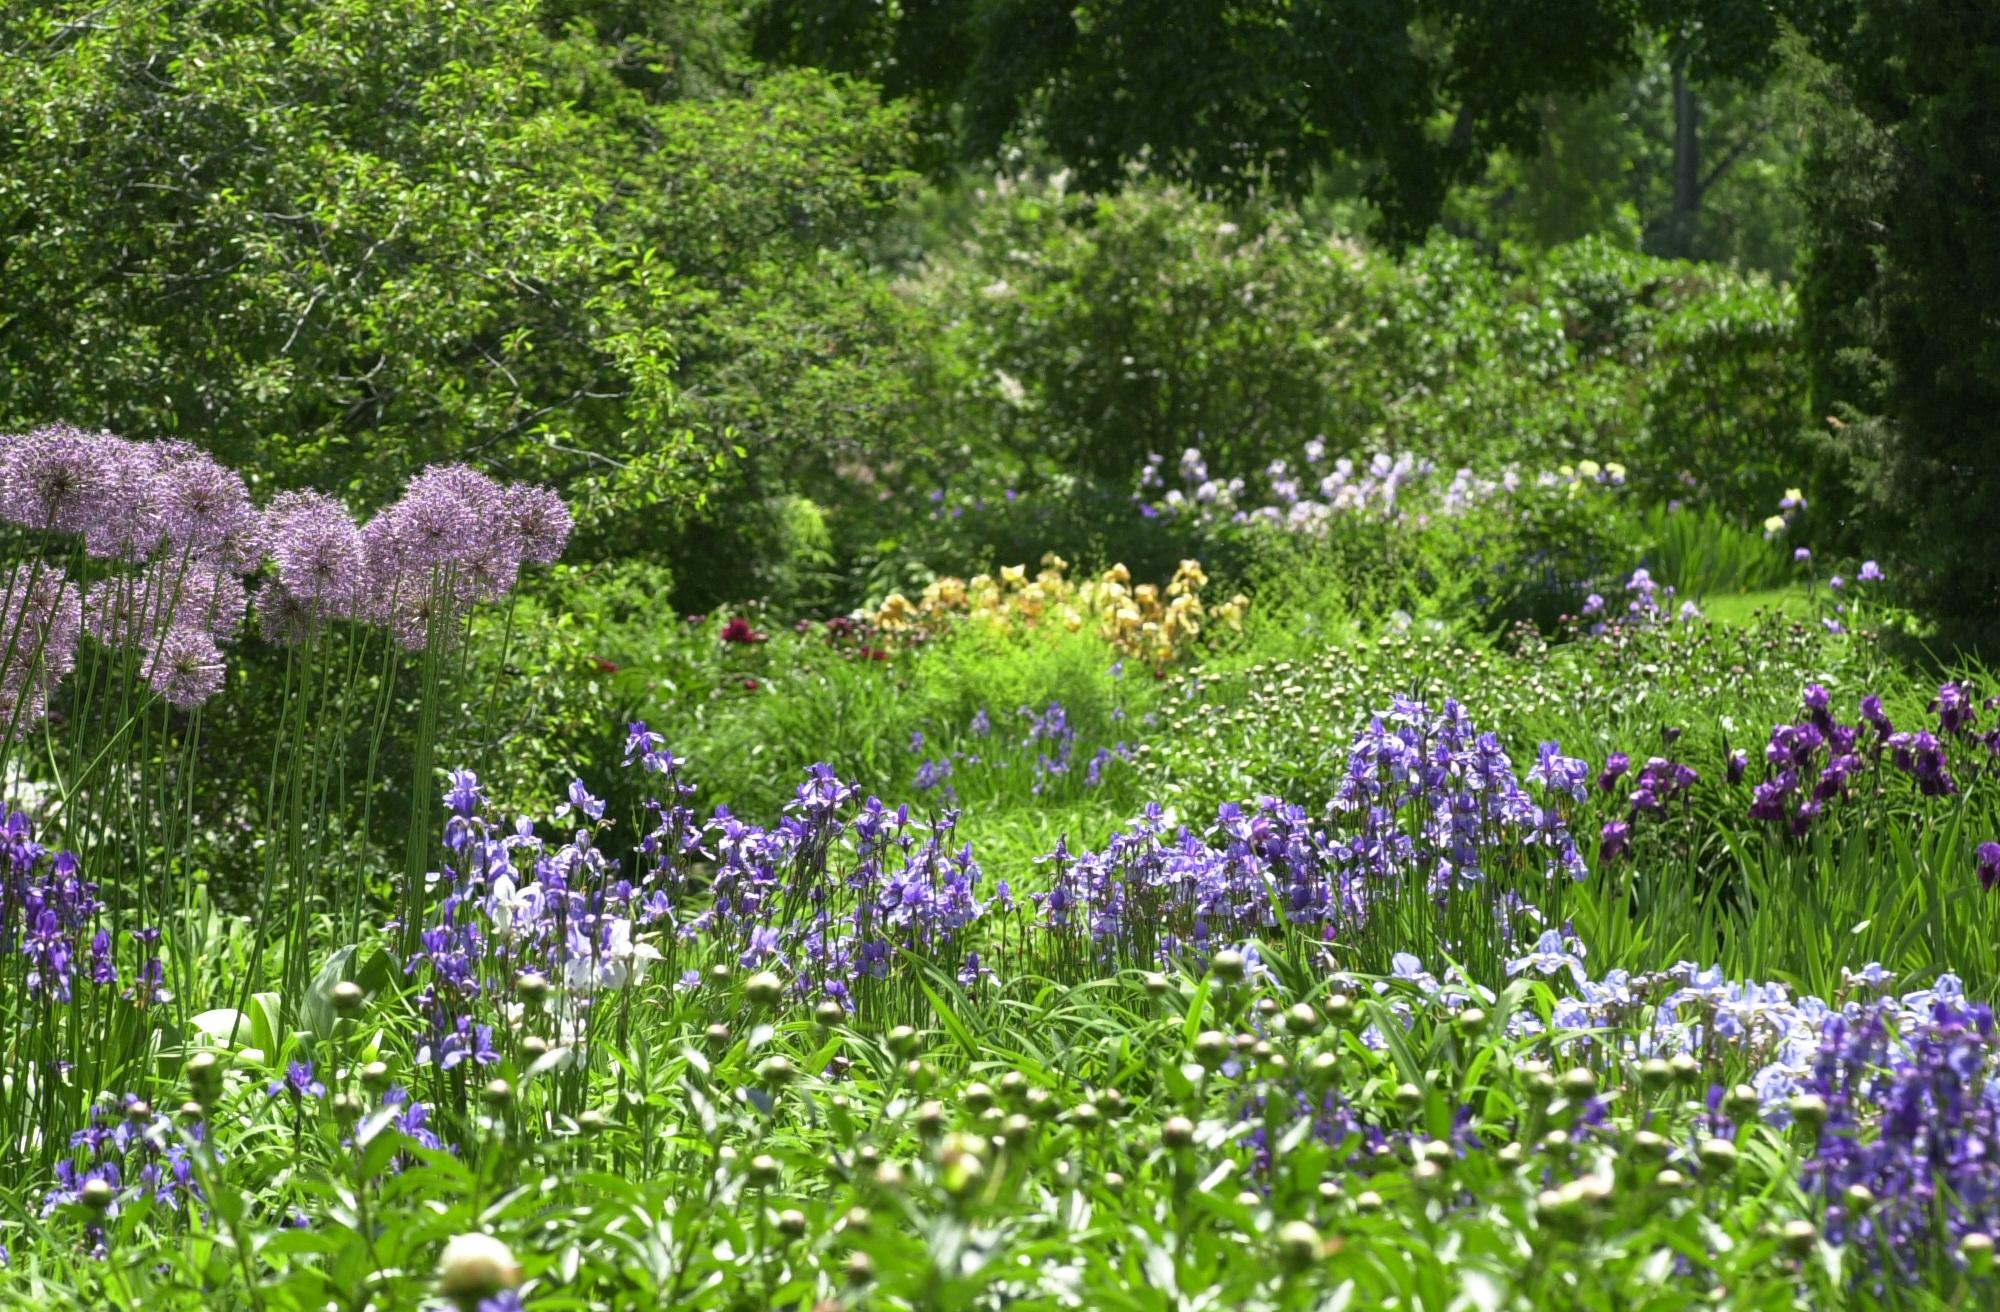 Jardiner sans pesticides espace pour la vie for Garden information sites